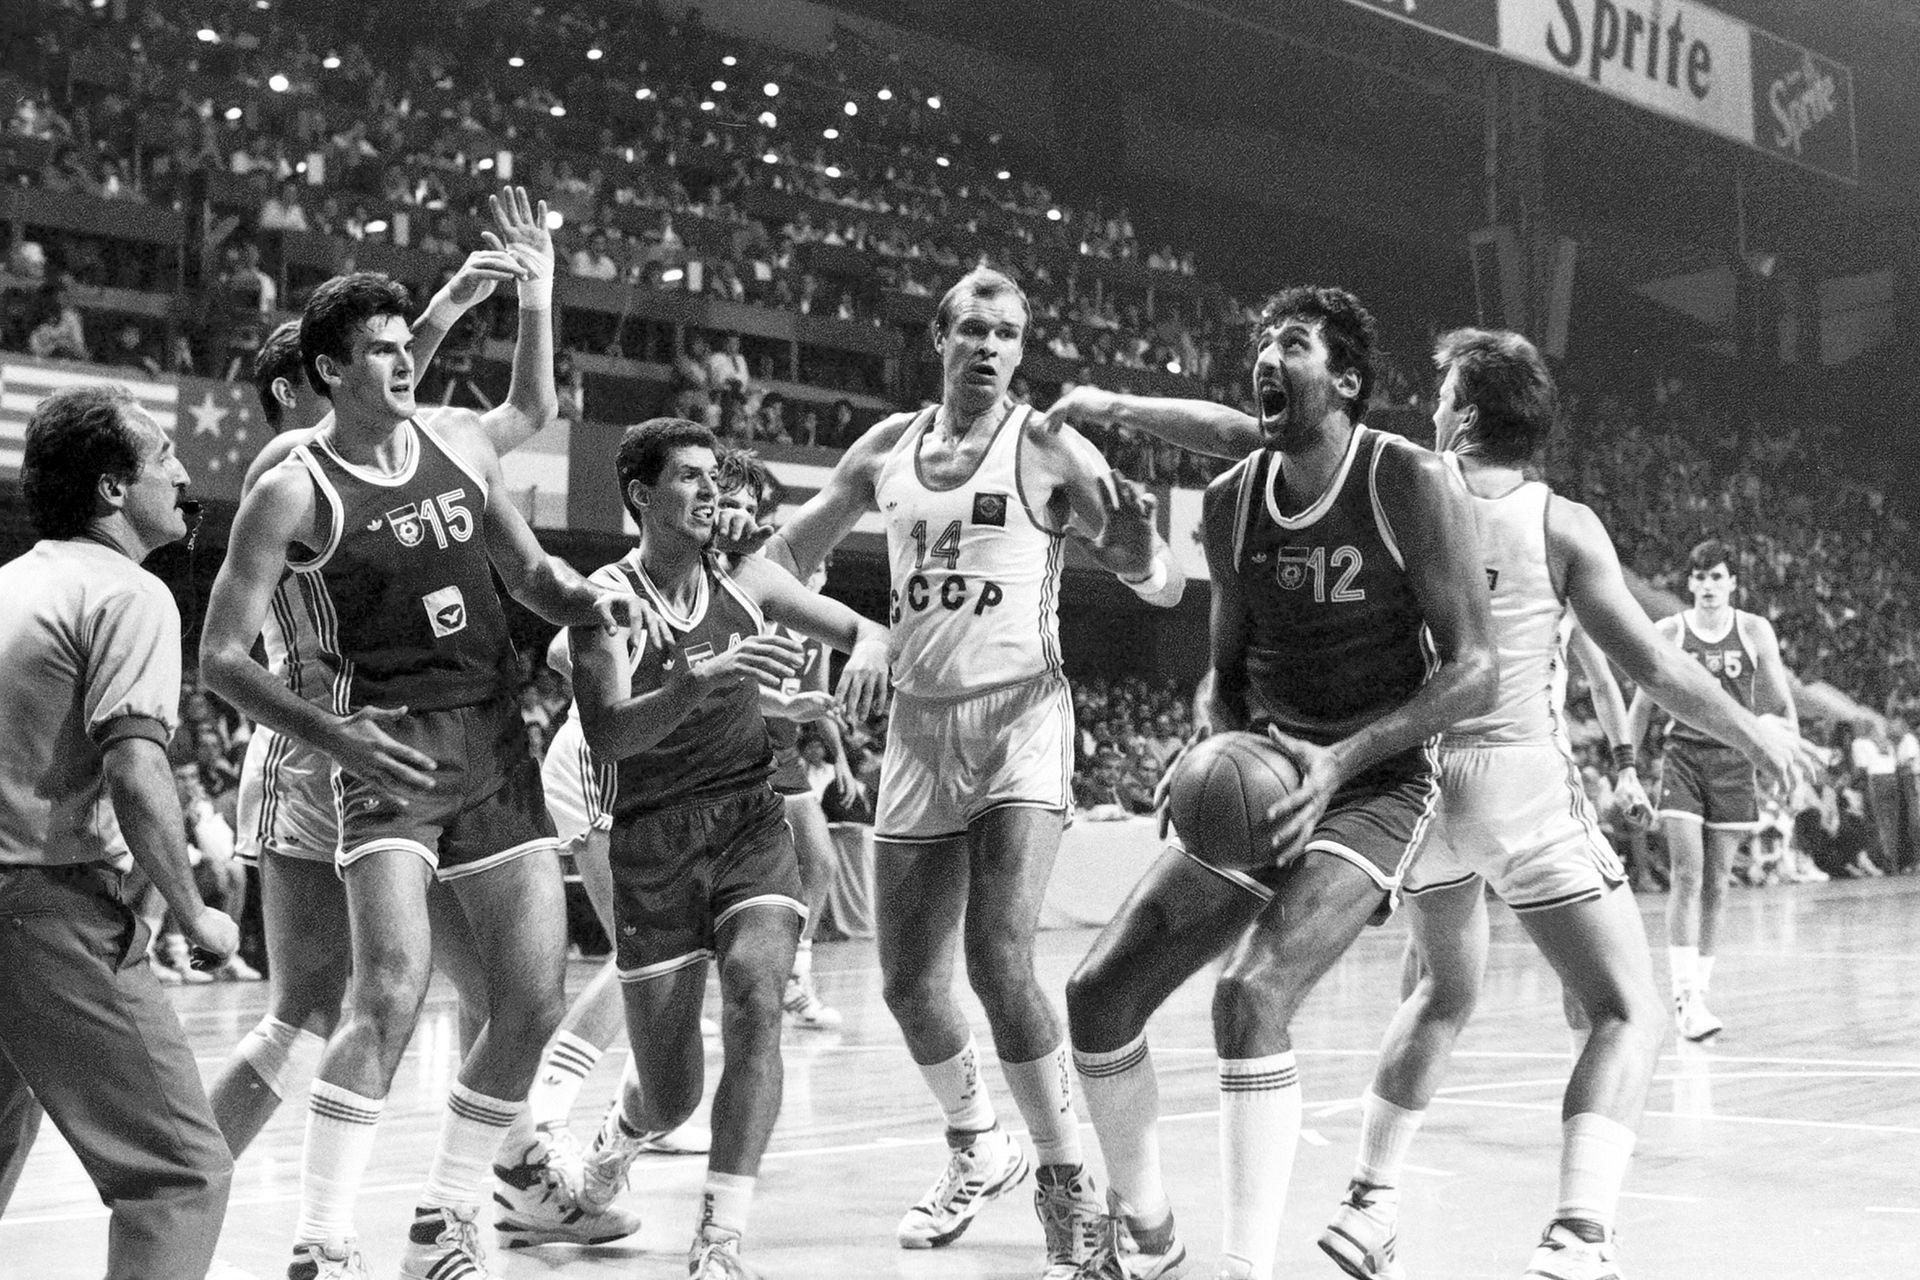 El bosnio Zoran Savic (15), el croata Drazen Petrovic y el serbio Vlade Divac (12), de Yugoslavia, y el ucranio Aleksandar Belostenny (14) y el estonio Tiit Sokk (de espaldas), por Unión Soviética